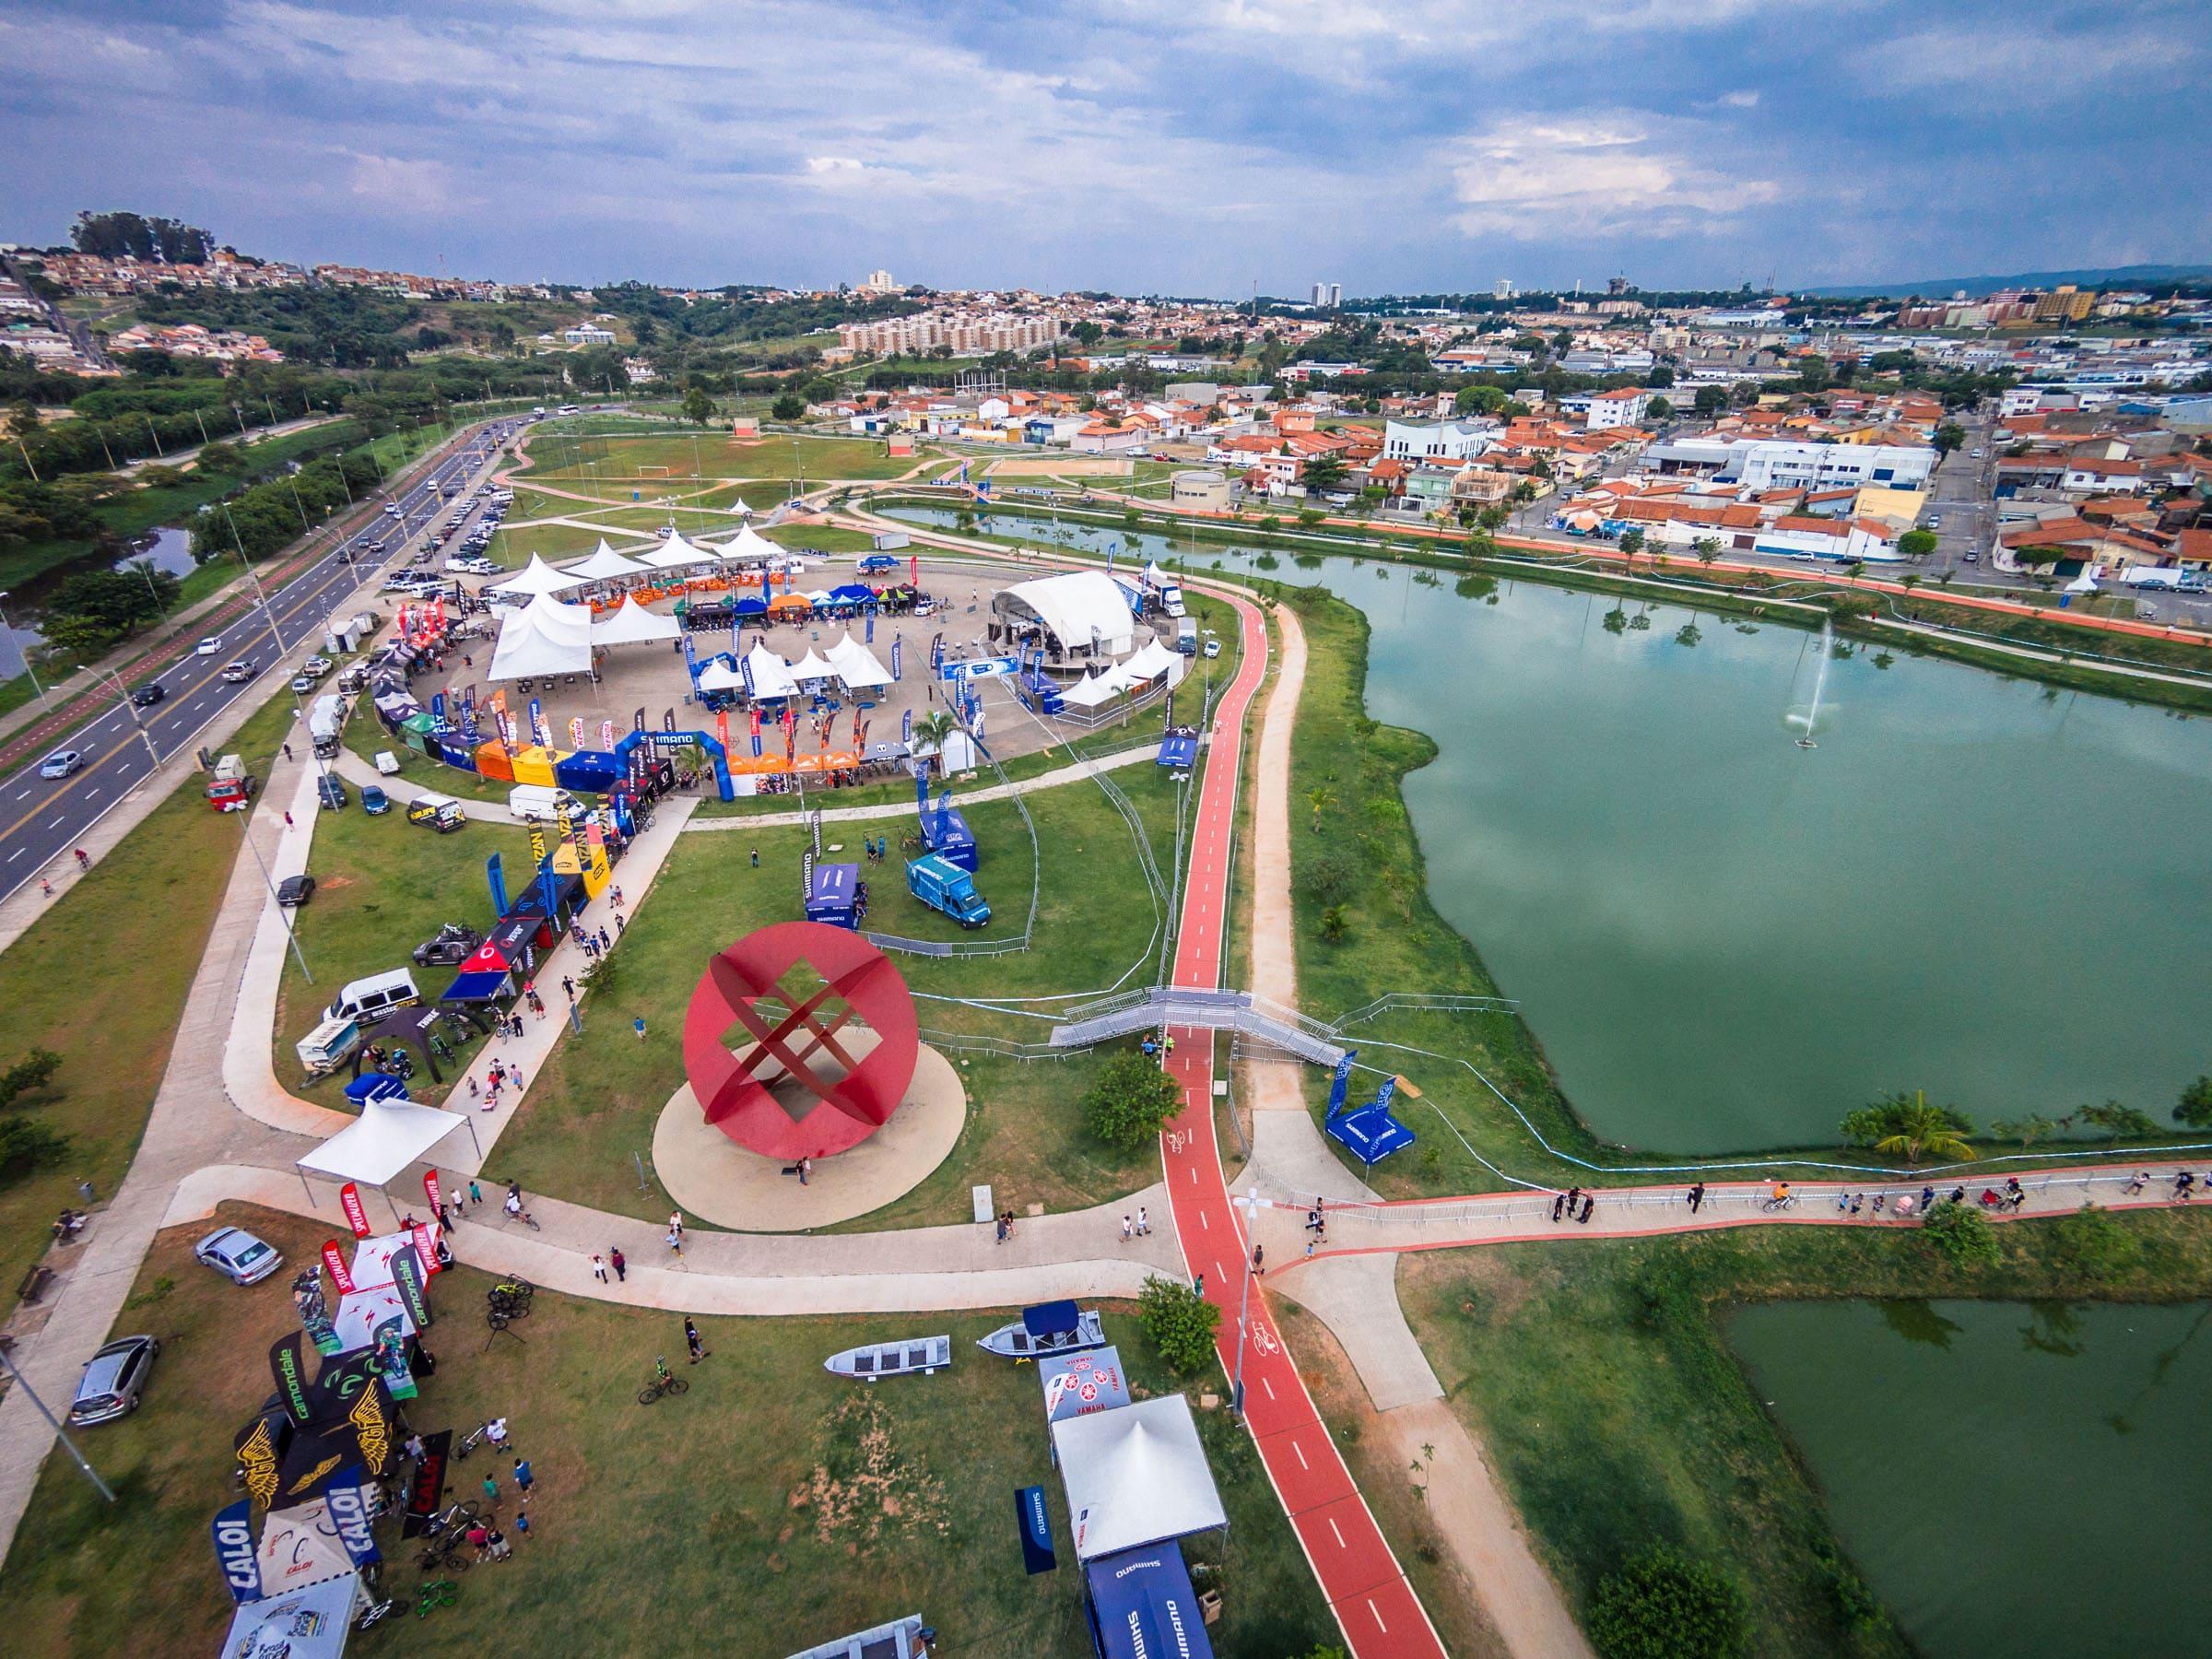 Imagem aérea para quem pretende abrir empresa em Sorocaba e ter sucesso eu seu negócio